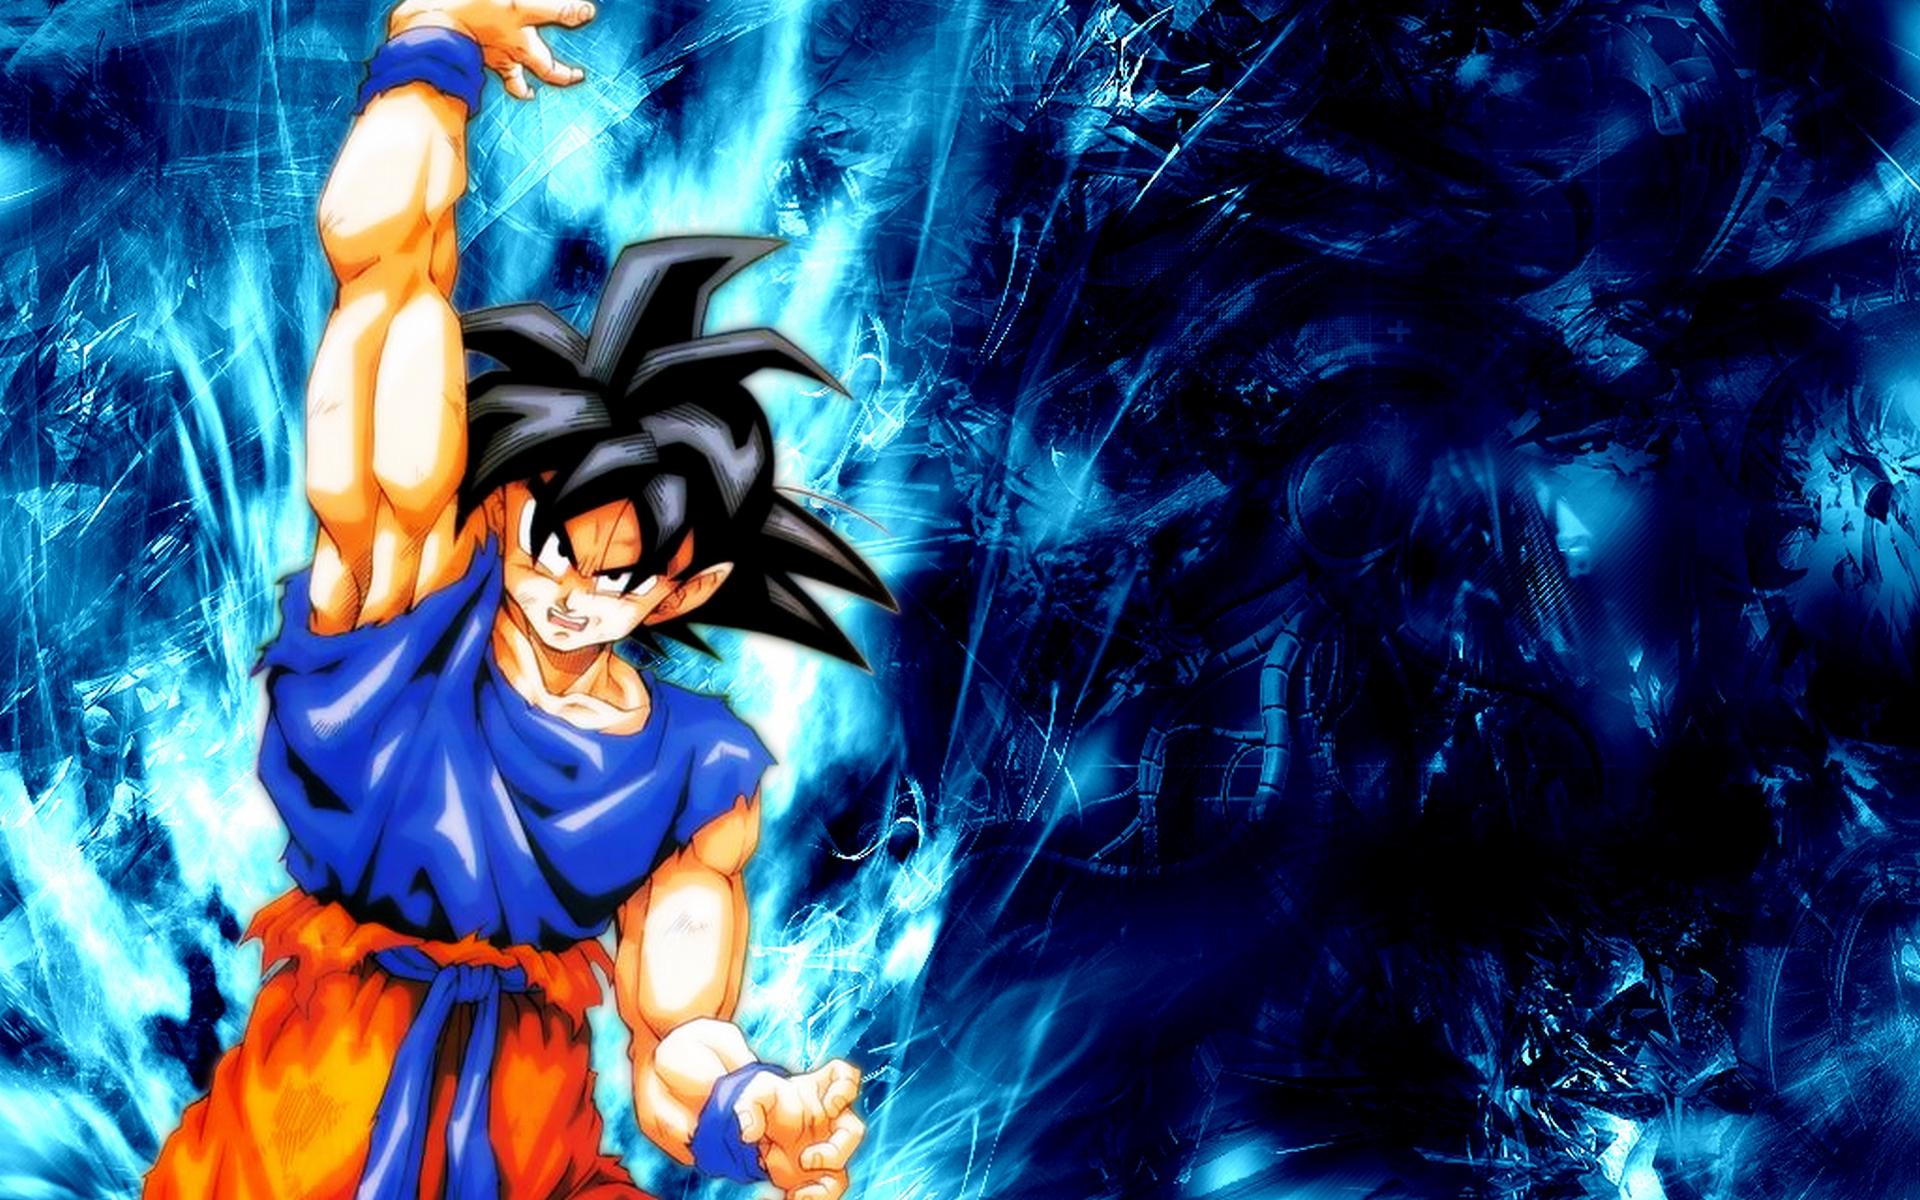 Goku Super Saiyan DBZ Wallpaper 668 Wallpaper WallpaperLepi 1920x1200